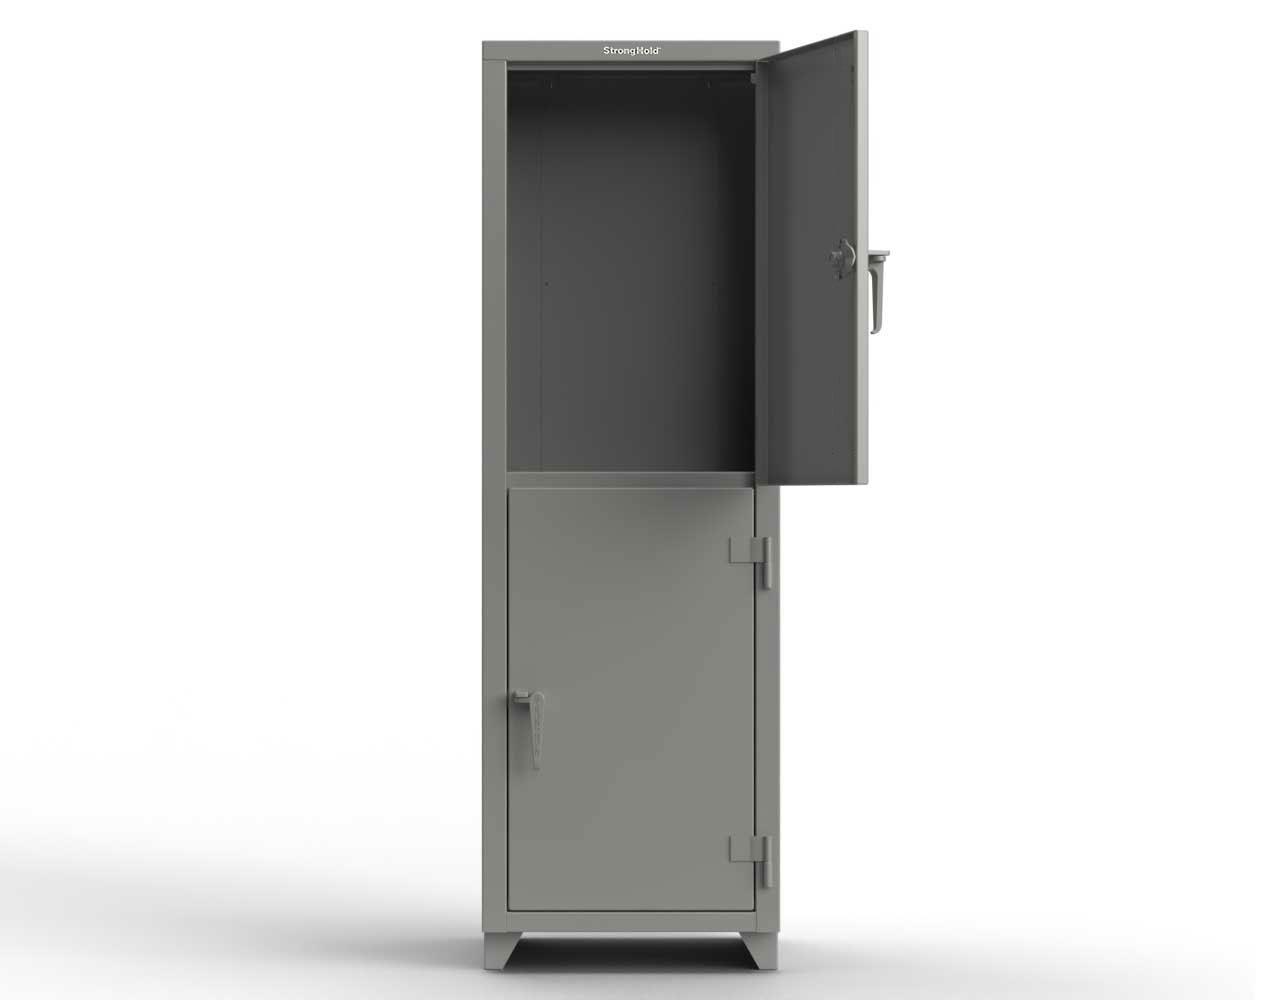 Extra Heavy Duty 14 GA Double-Tier Locker, 2 Compartments – 24 in. W x 24 in. D x 75 in. H